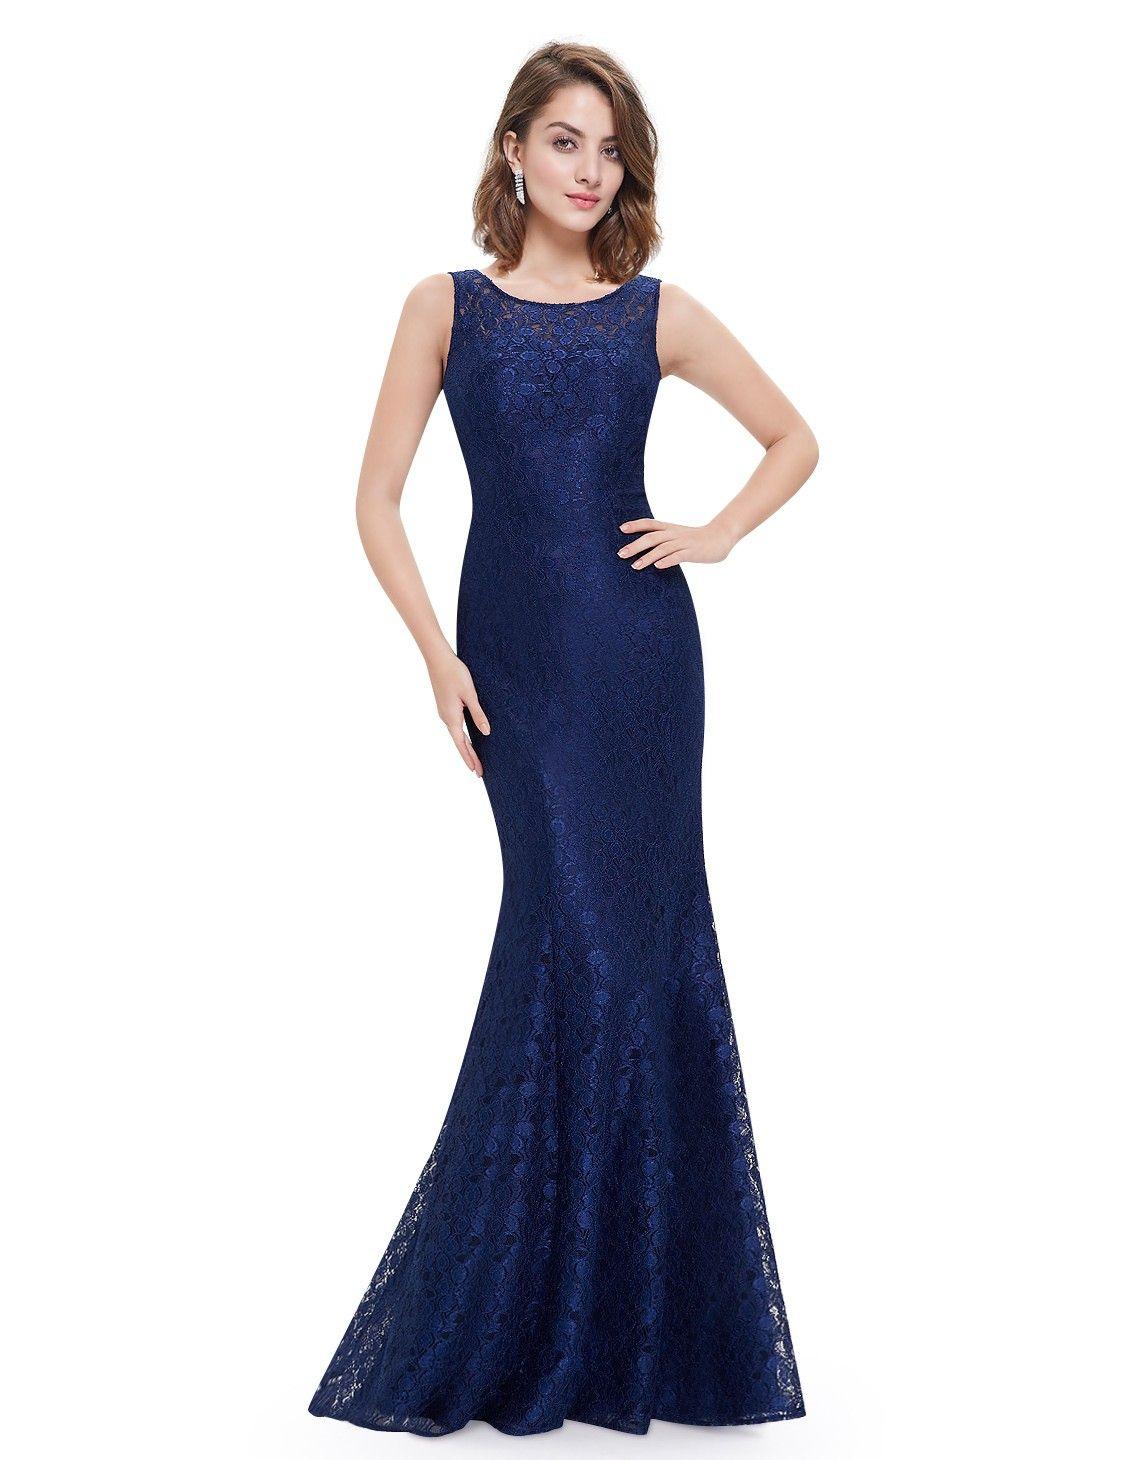 Rundhals Meerjungfrau Abendkleid Dunkelblau  Fancy dresses long